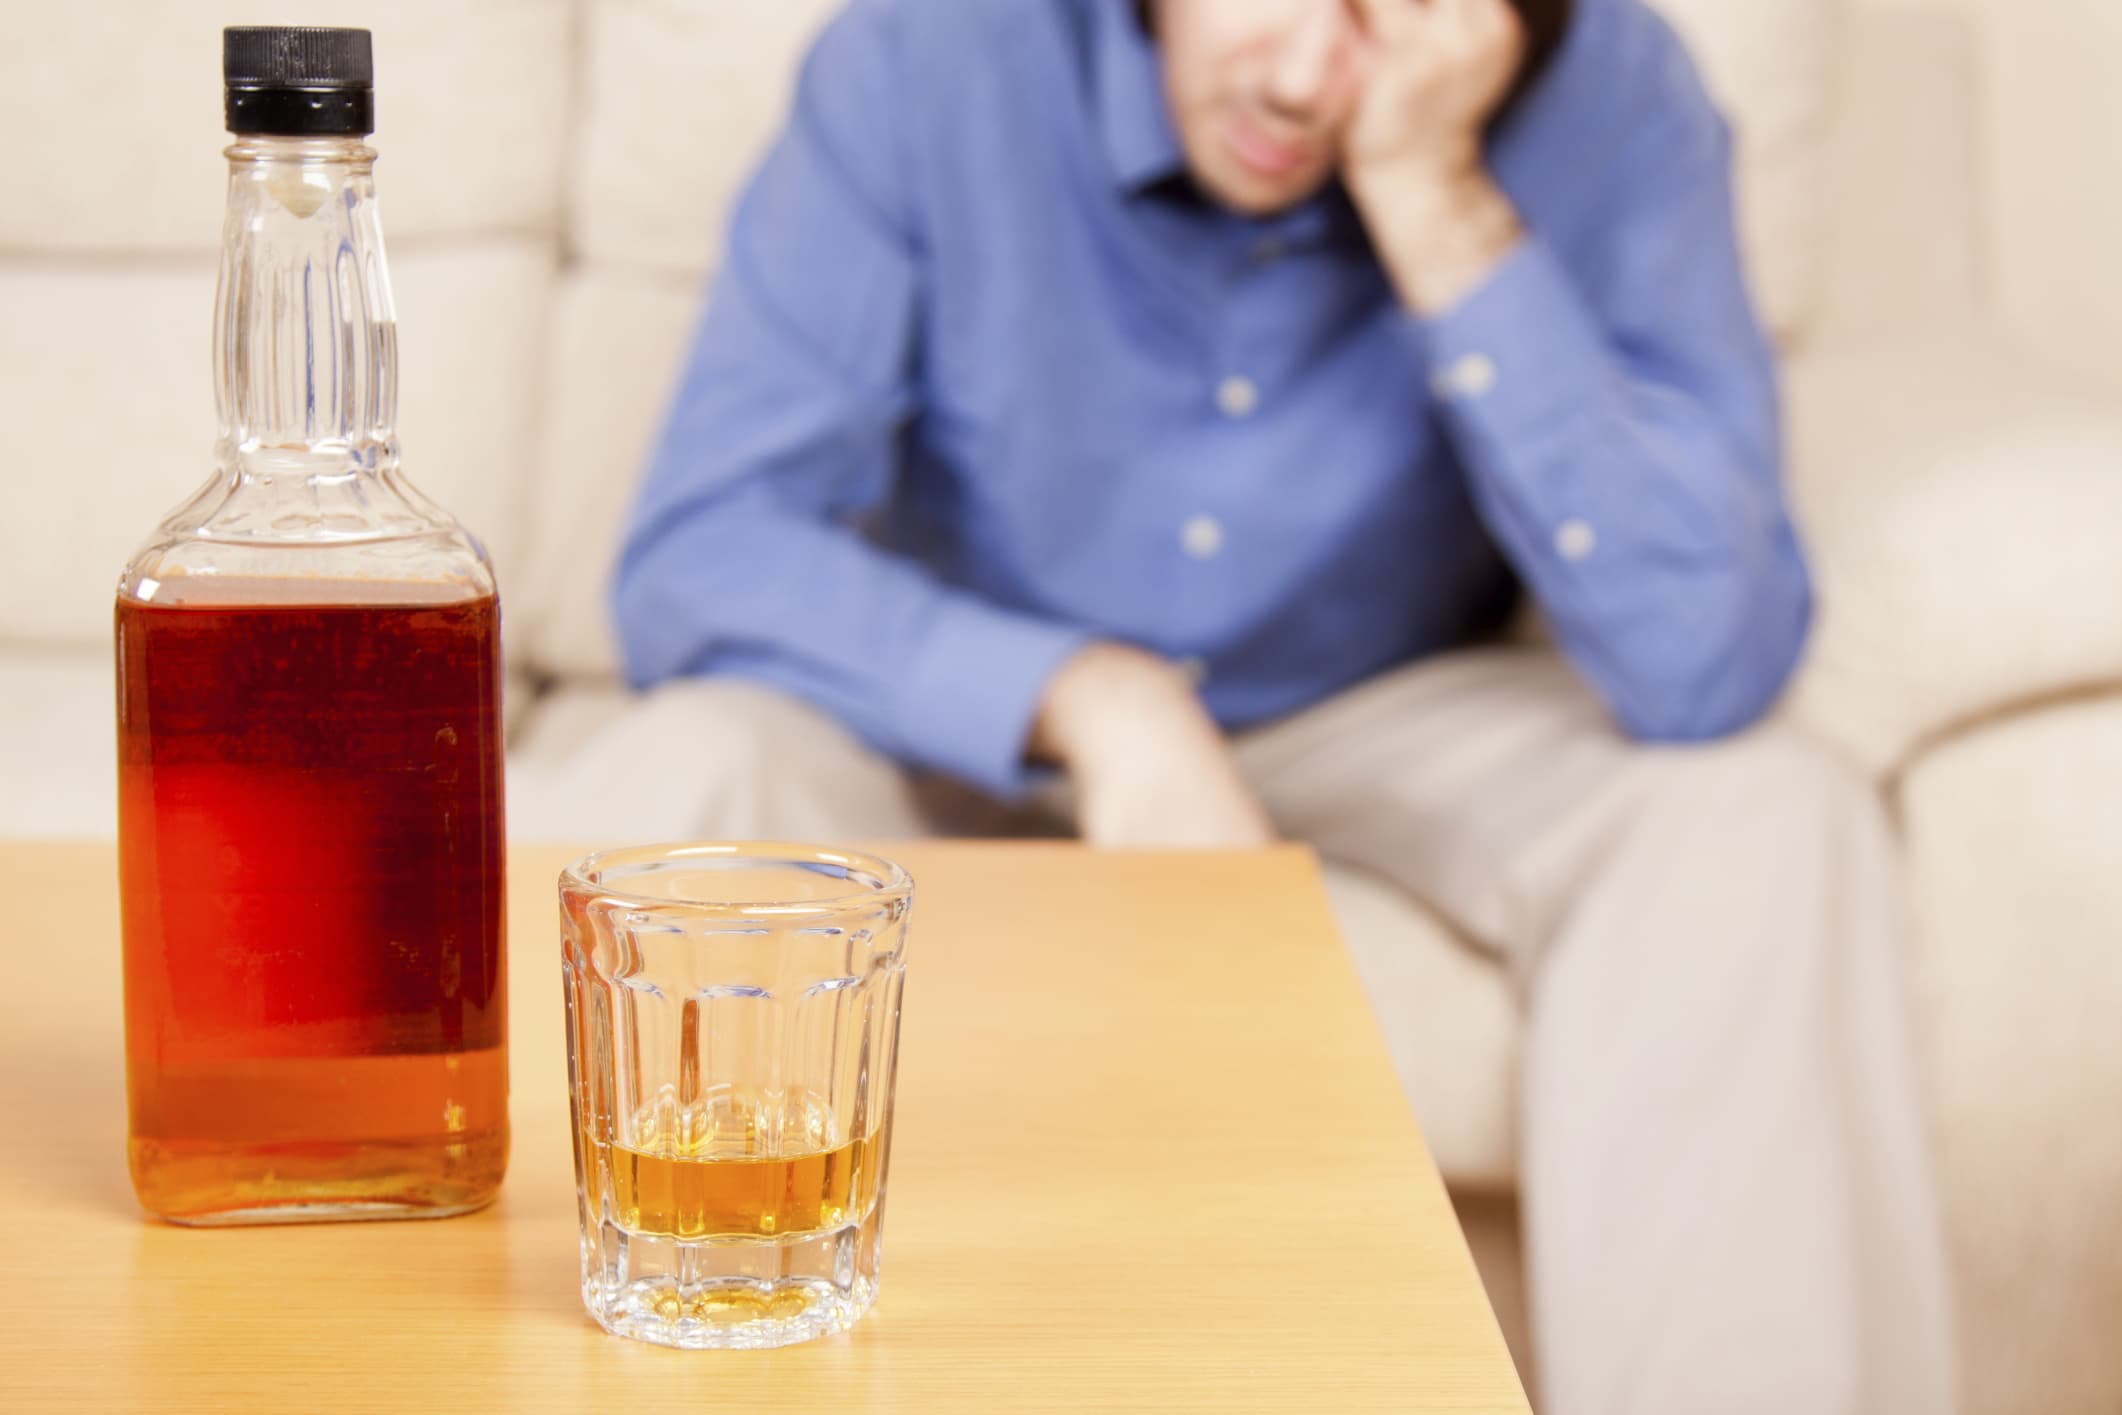 лечение алкоголизма табакокурения в москве недорого